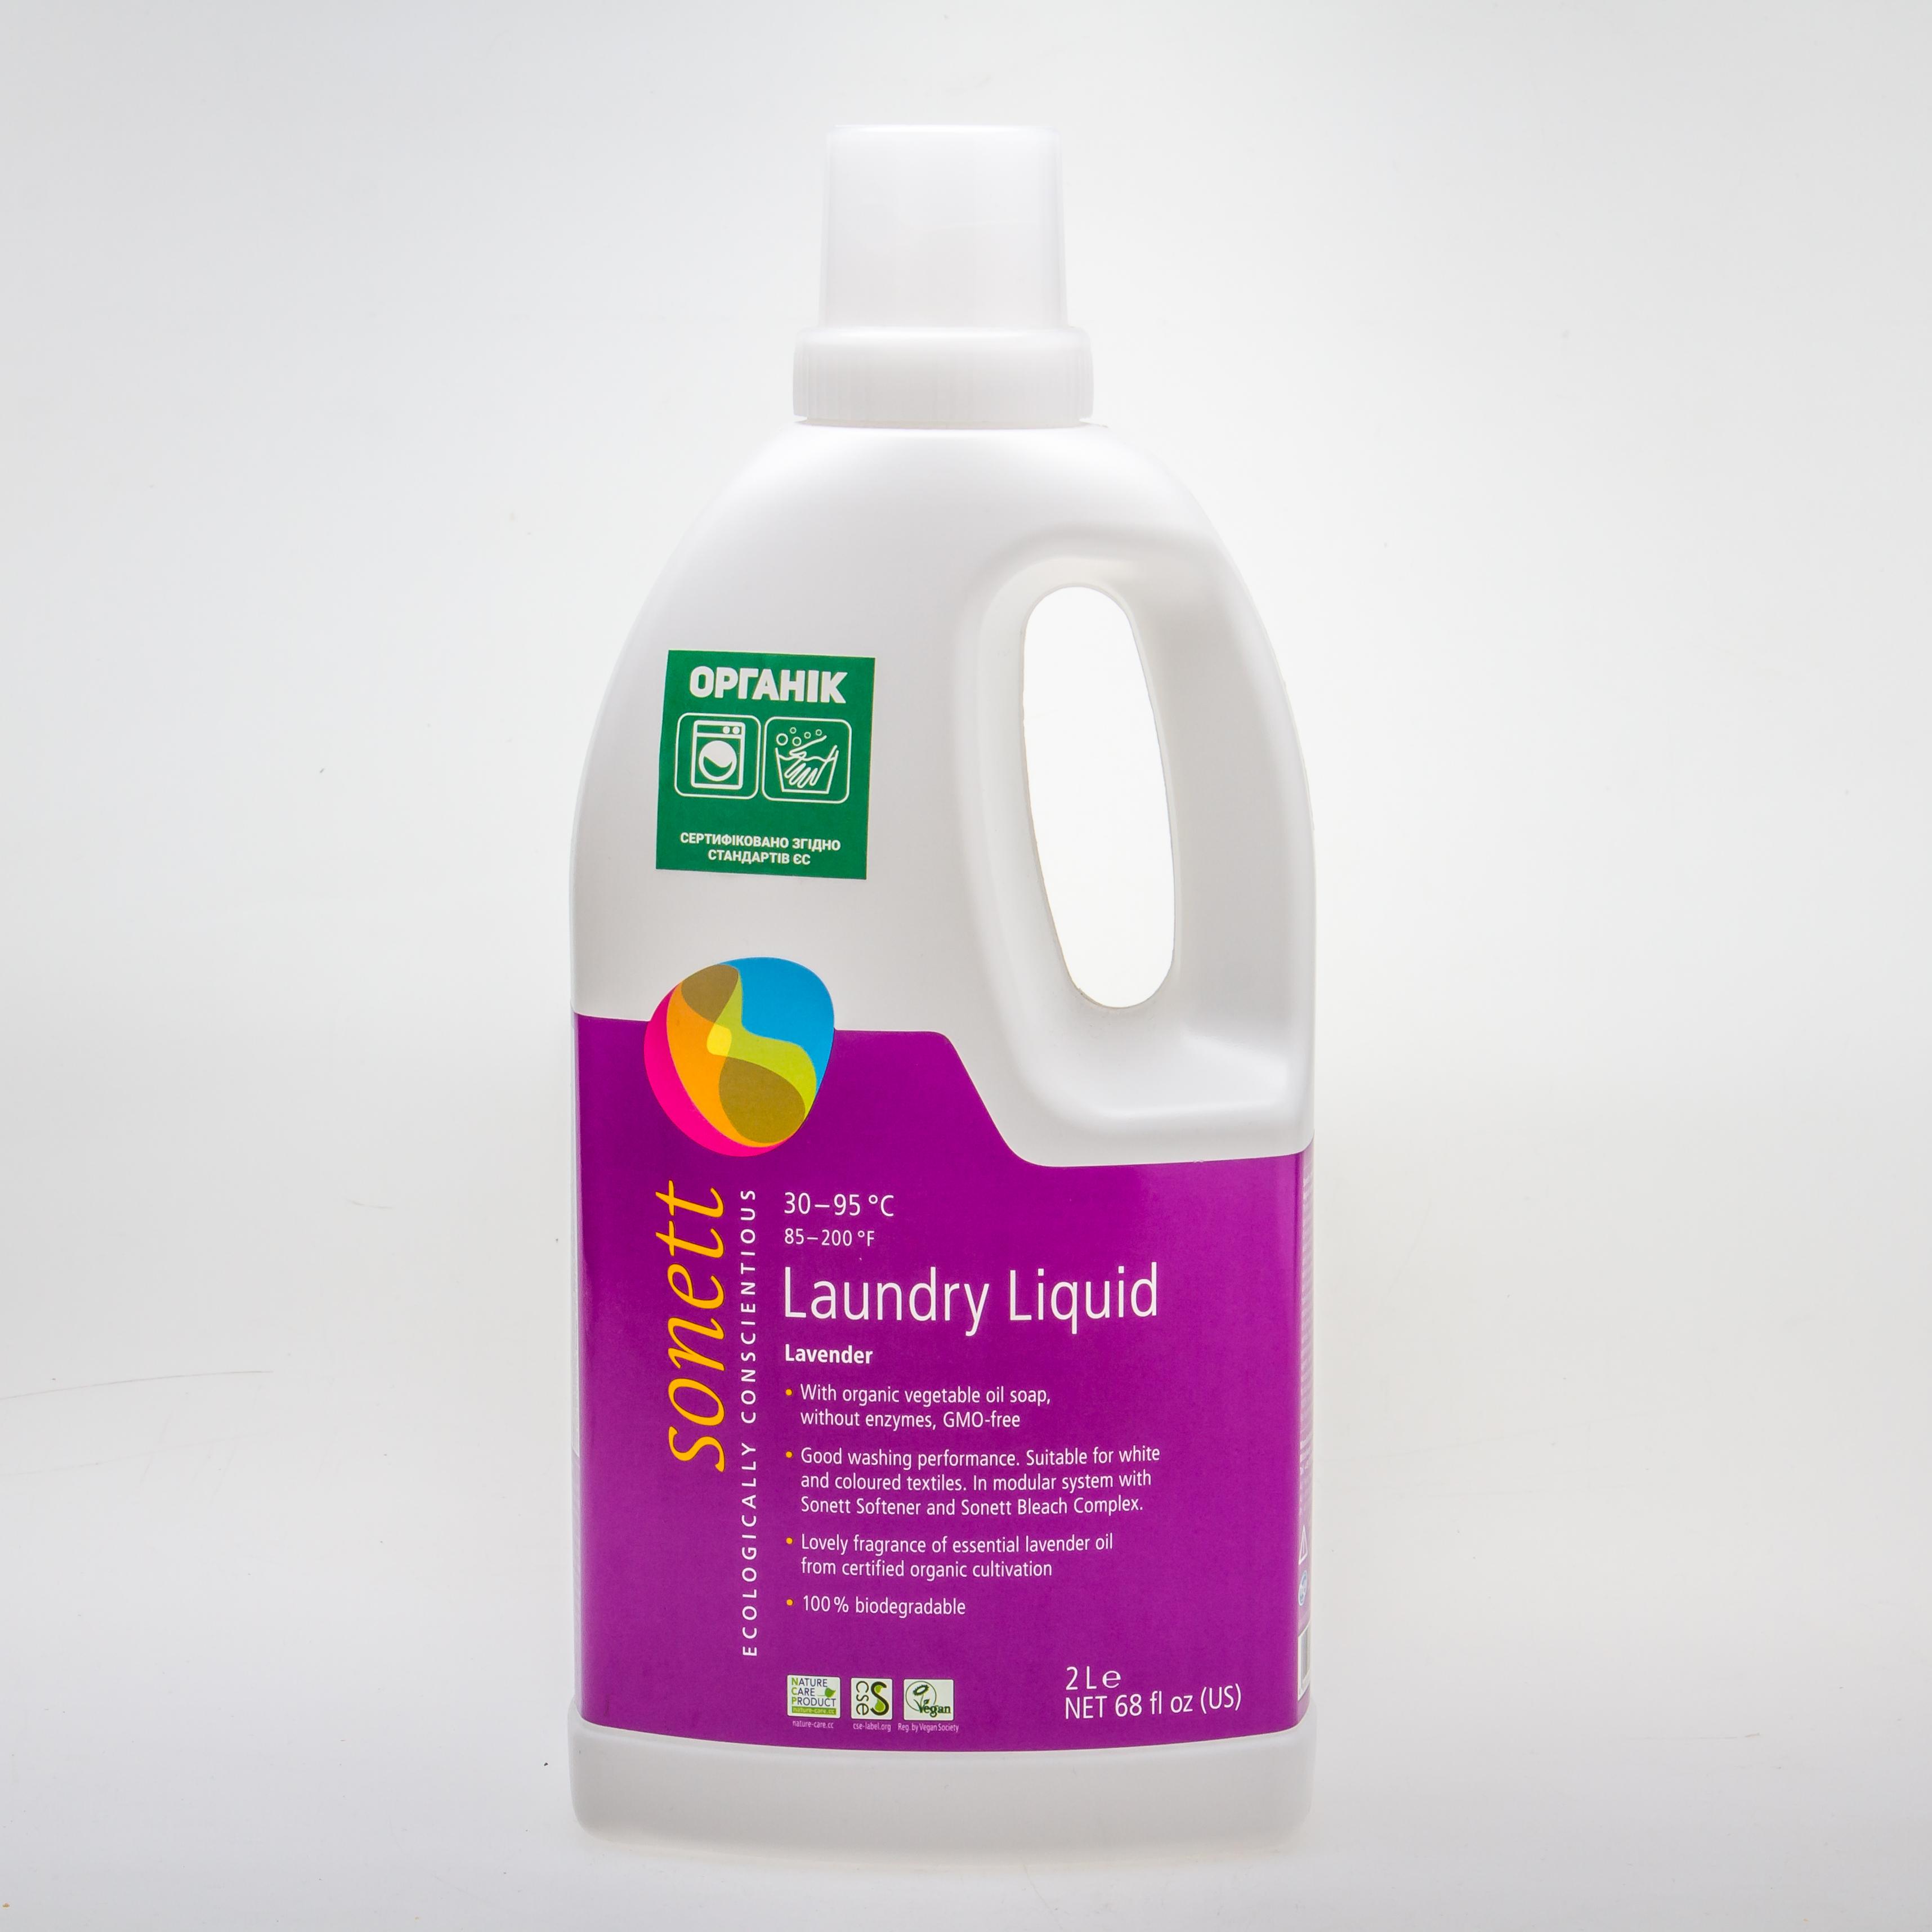 Sonett органічний рідкий пральний засіб. Концентрат, 2 л - купить в интернет-магазине Юнимед